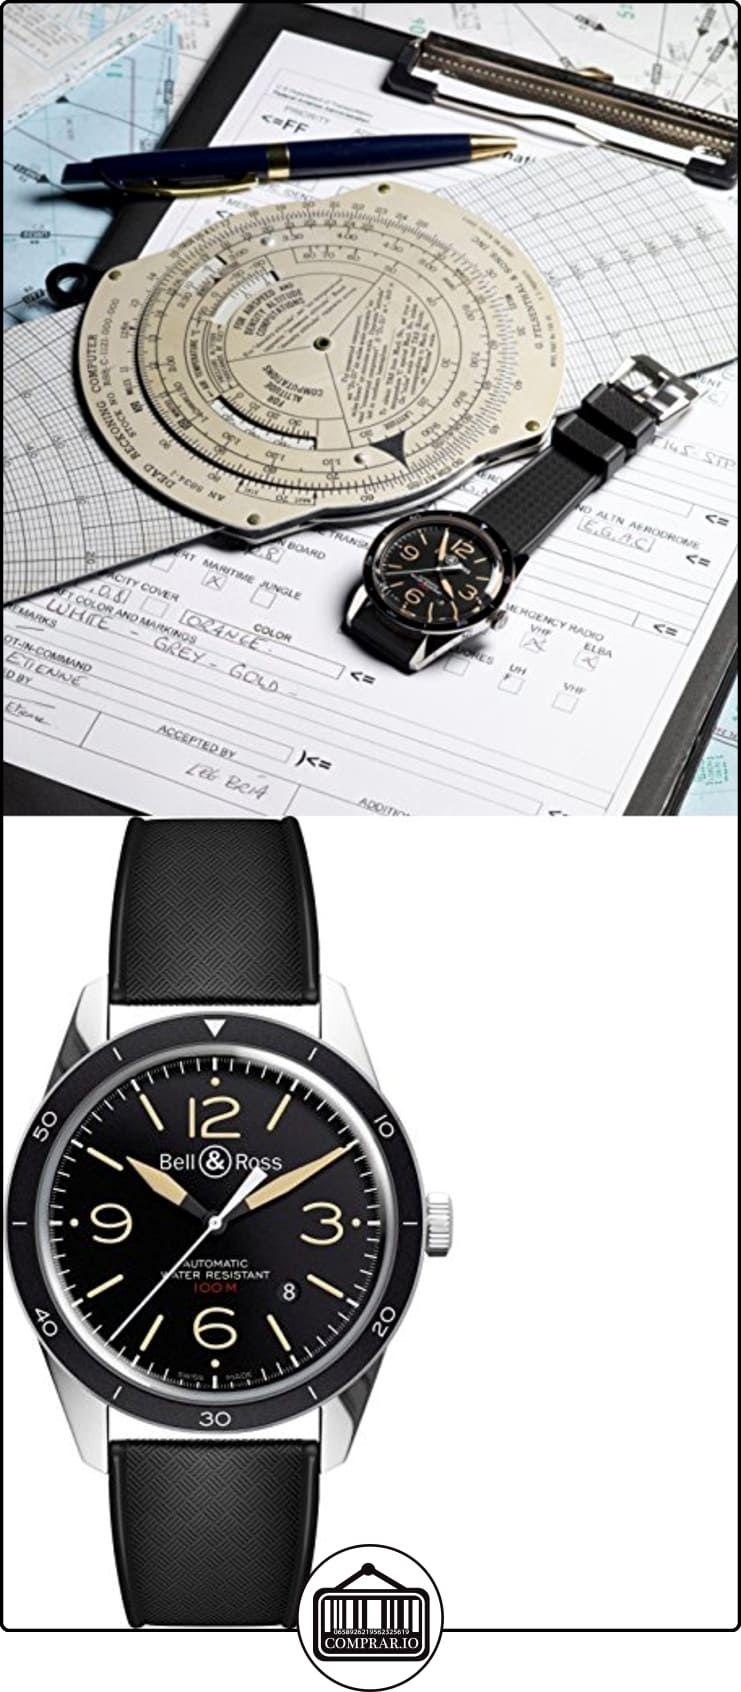 Bell and Ross Reloj automático Man 43 mm  ✿ Relojes para hombre - (Lujo) ✿